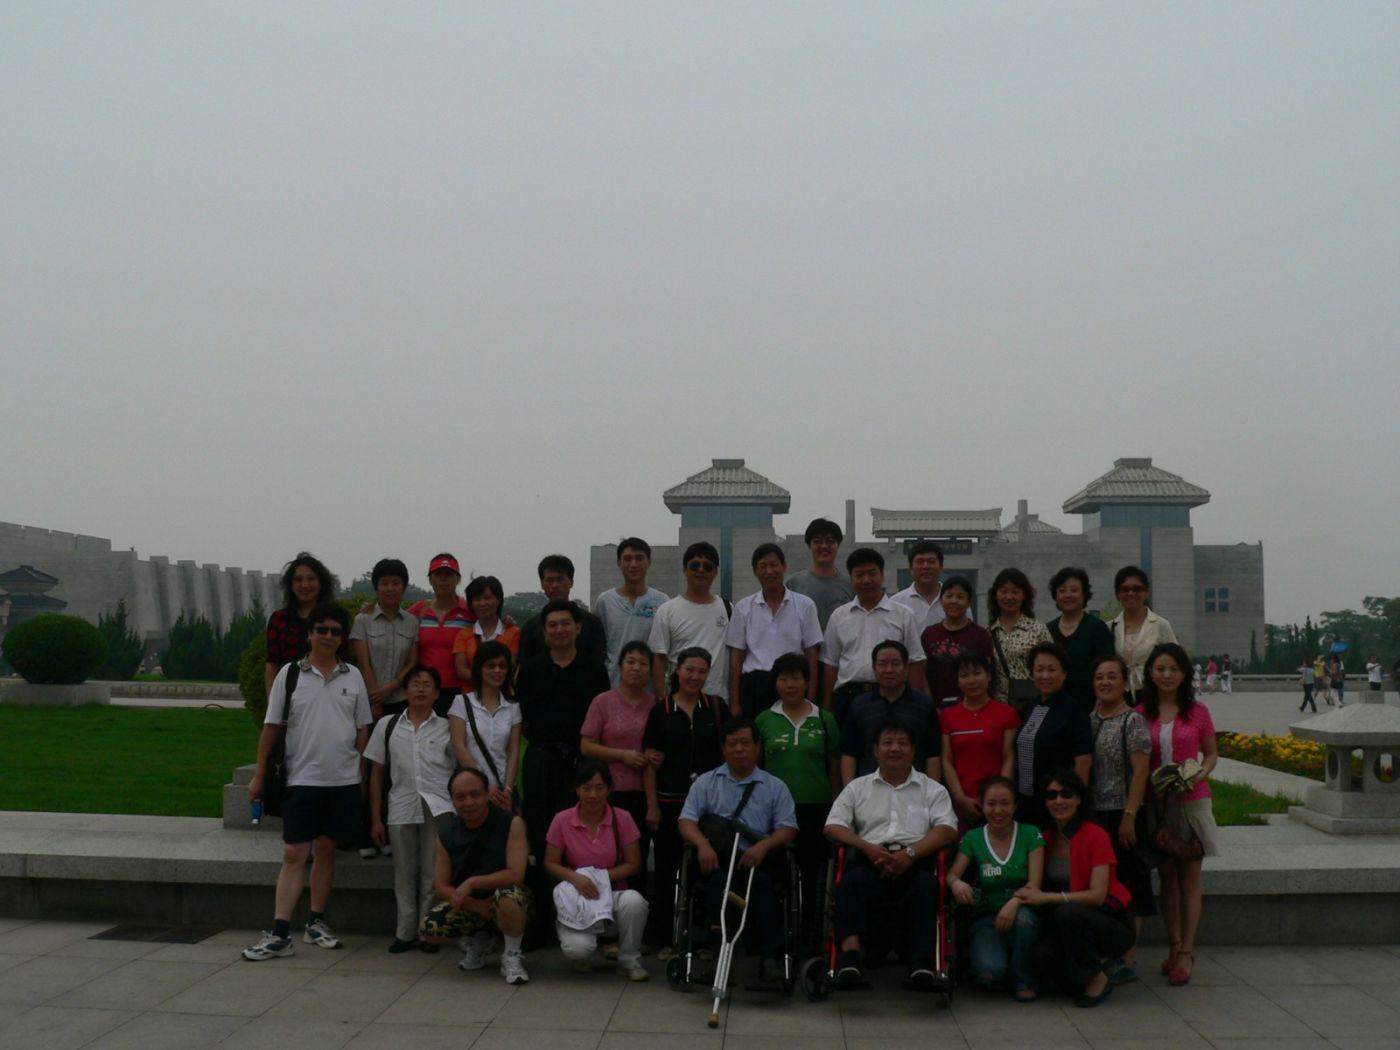 在陕西的记忆_图1-22